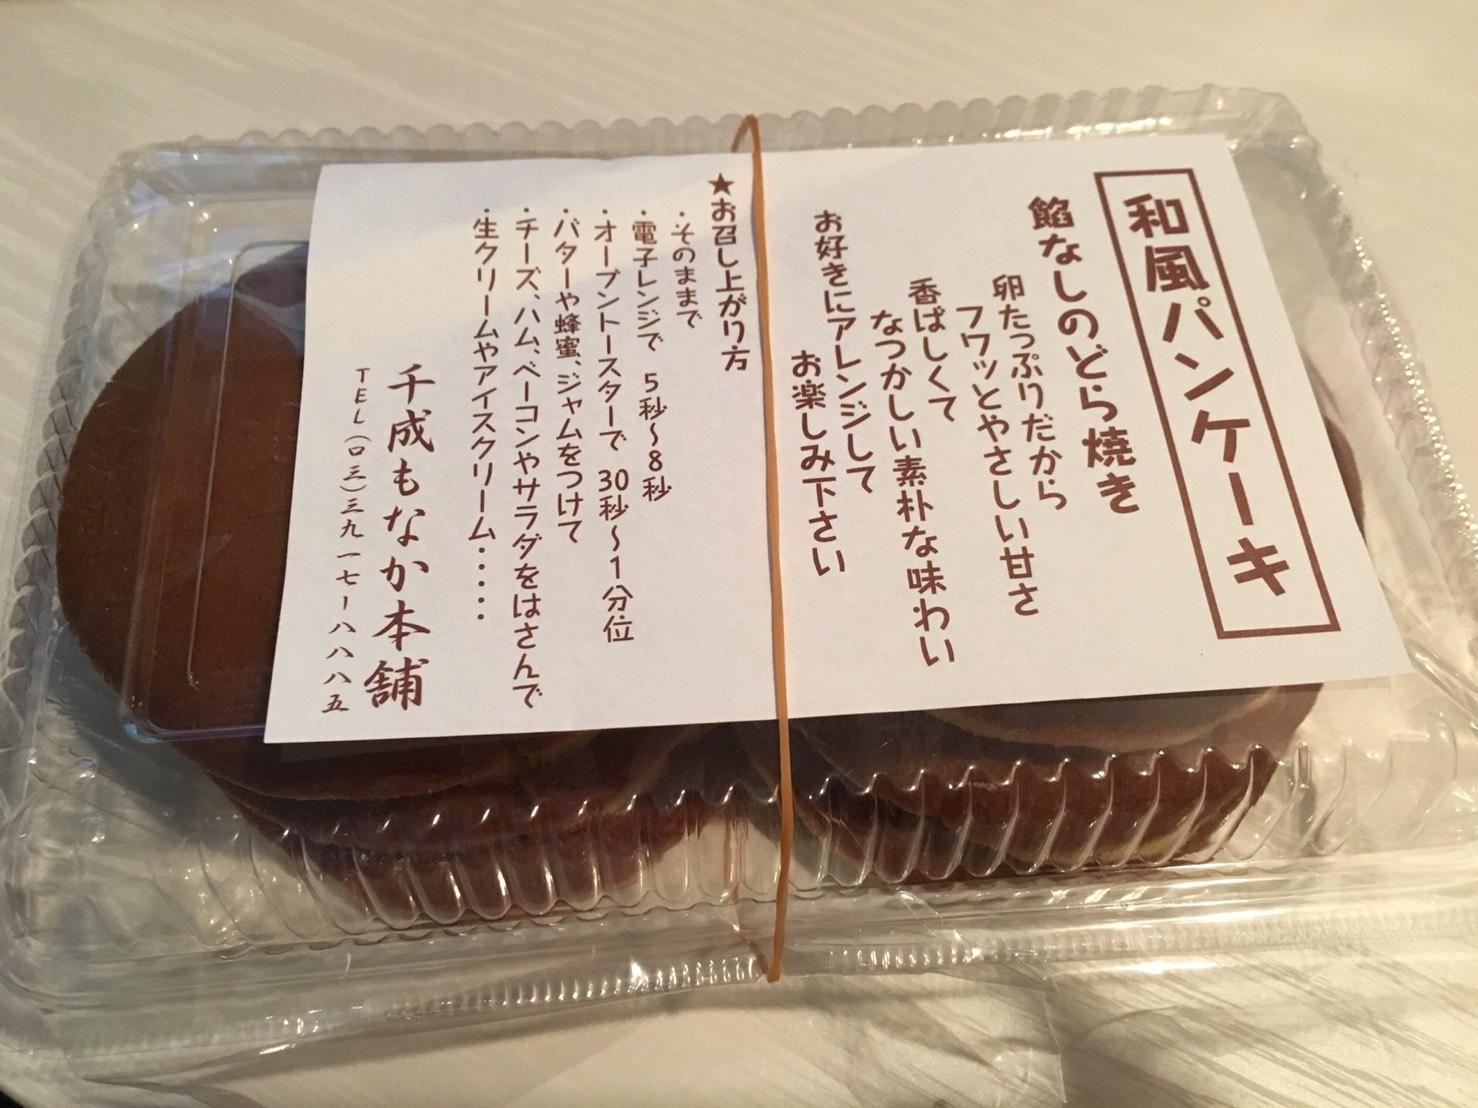 【大塚駅】もなか屋さん「千成もなか本舗」の200円のパンケーキのパッケージ